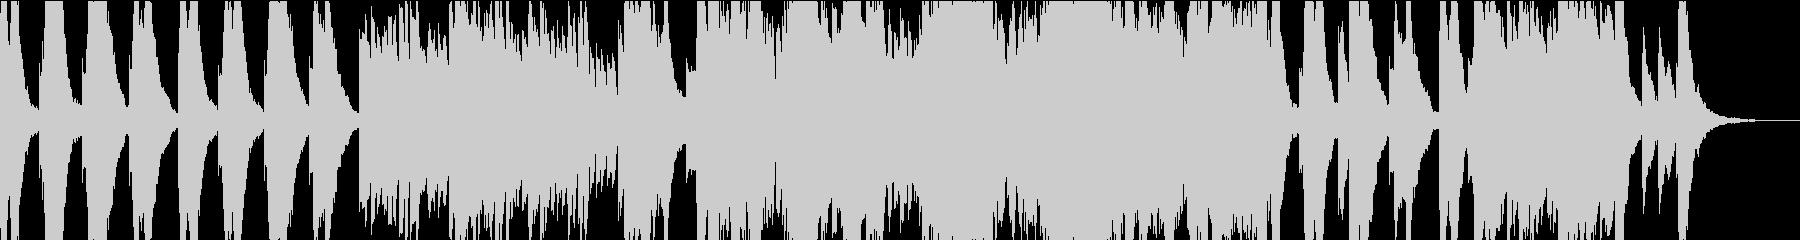 切ないオルゴール曲の未再生の波形